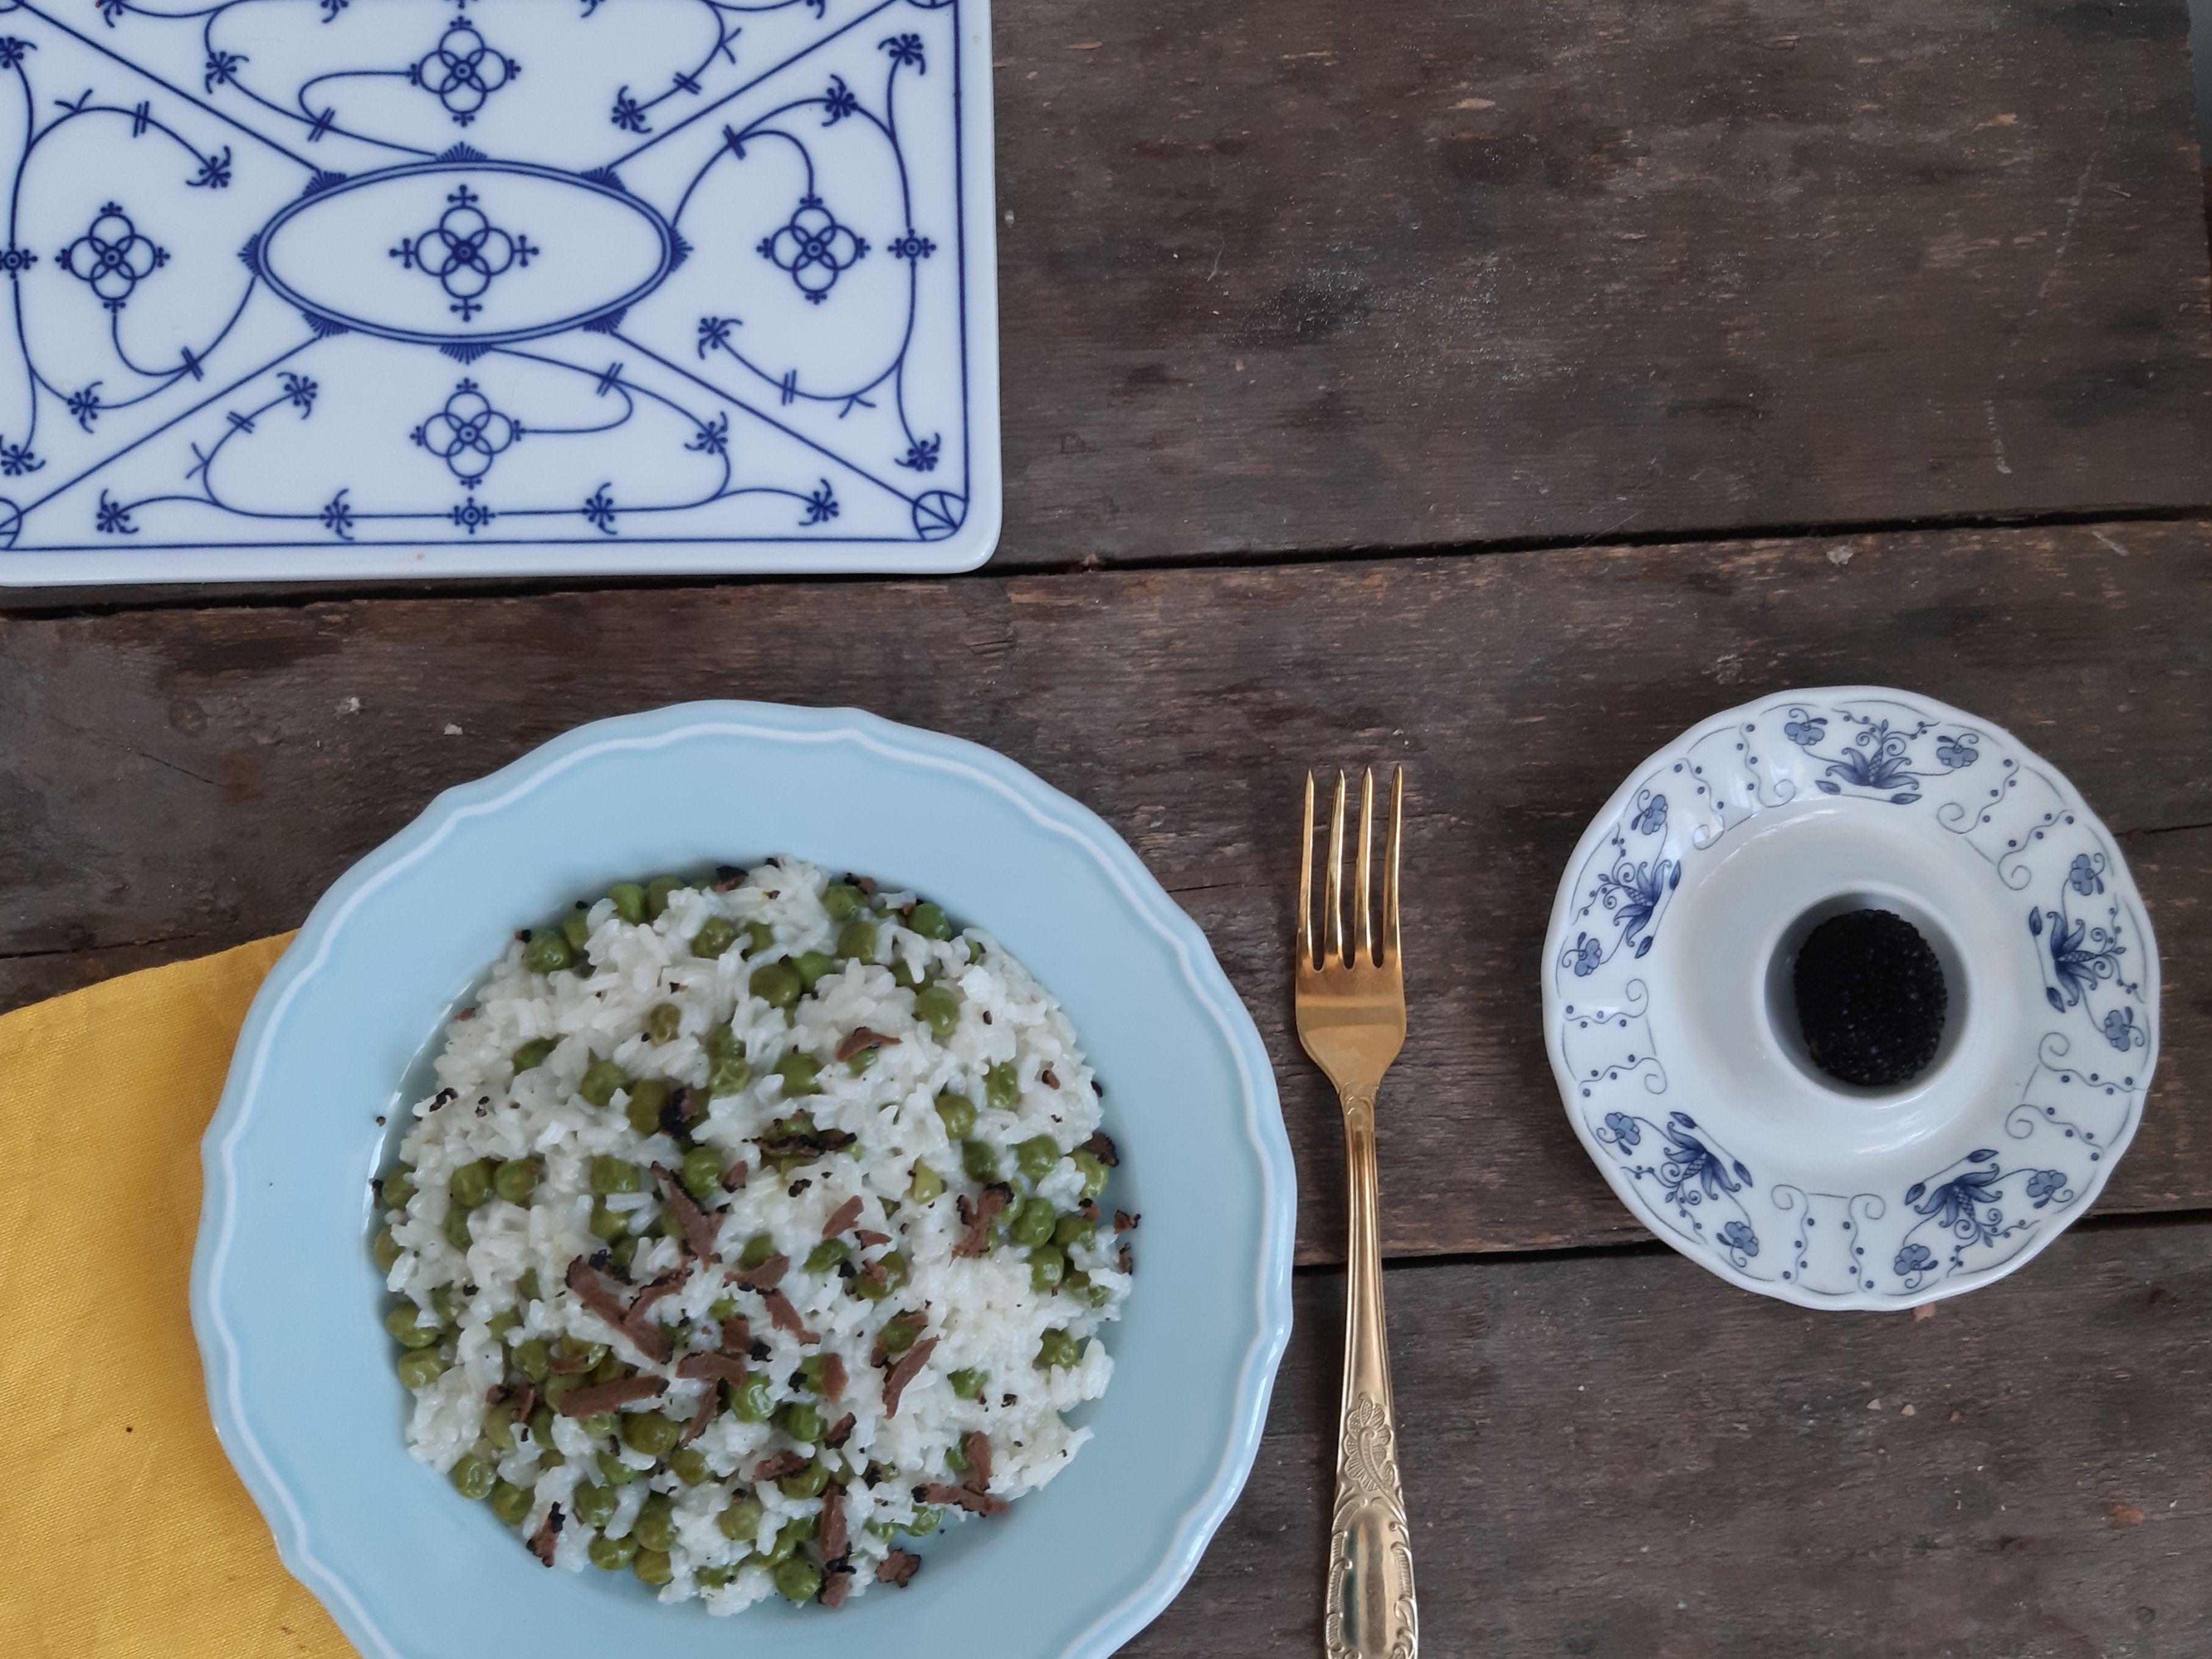 Letnie przepisy: risotto z groszkiem i truflami oraz perskie lody